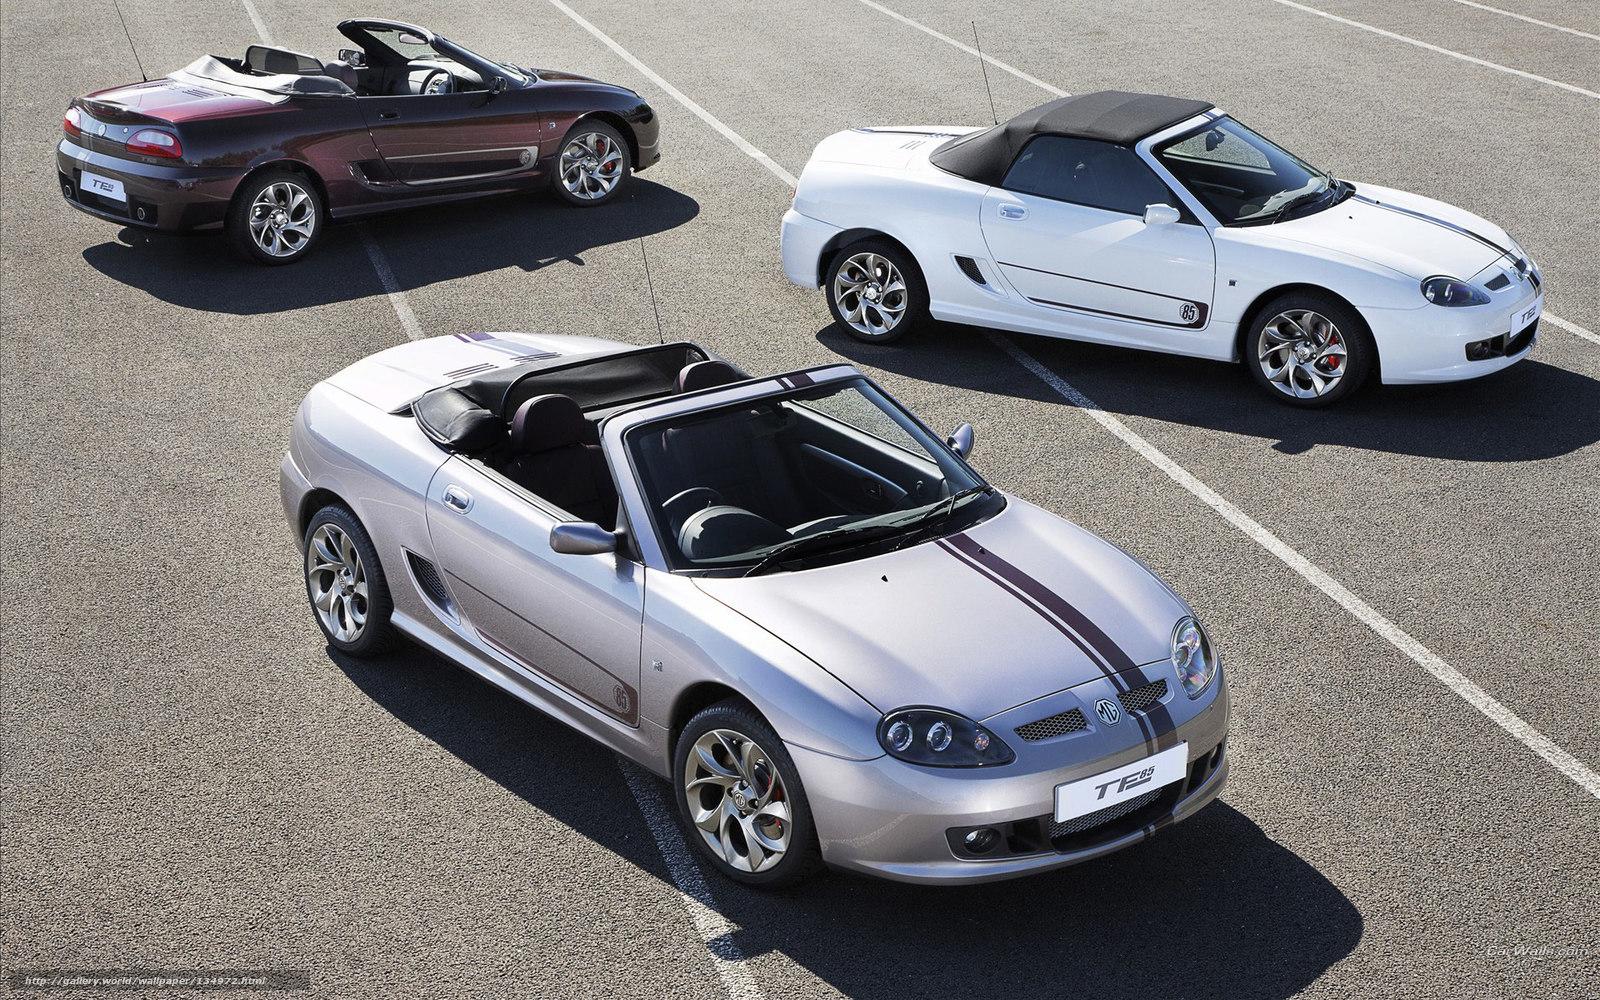 Скачать обои MG,  TF,  авто,  машины бесплатно для рабочего стола в разрешении 1920x1200 — картинка №134972